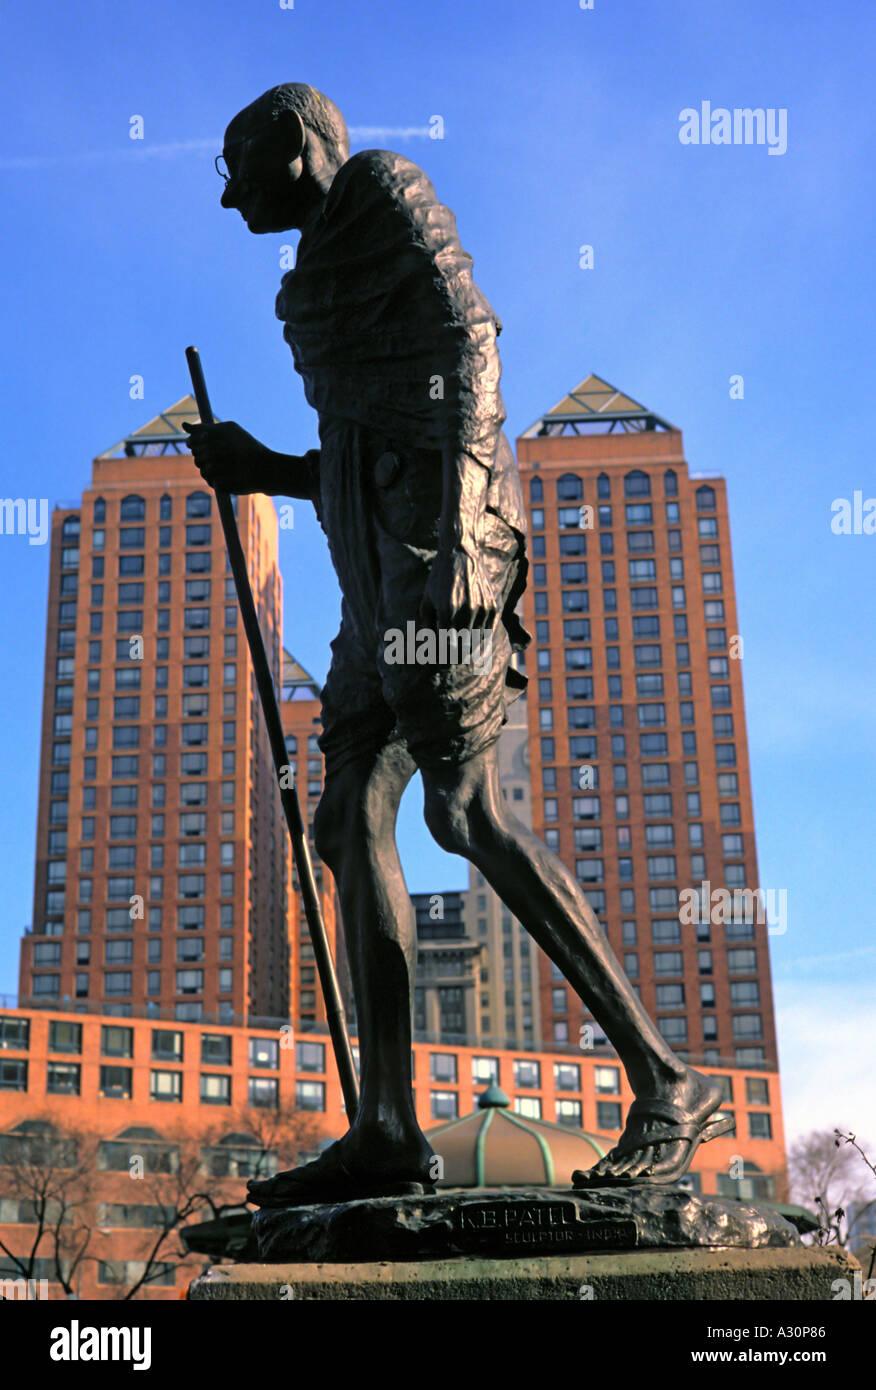 Statua del Mahatma Gandhi da scultore indiano K B Patel presso la Union Square di New York Immagini Stock